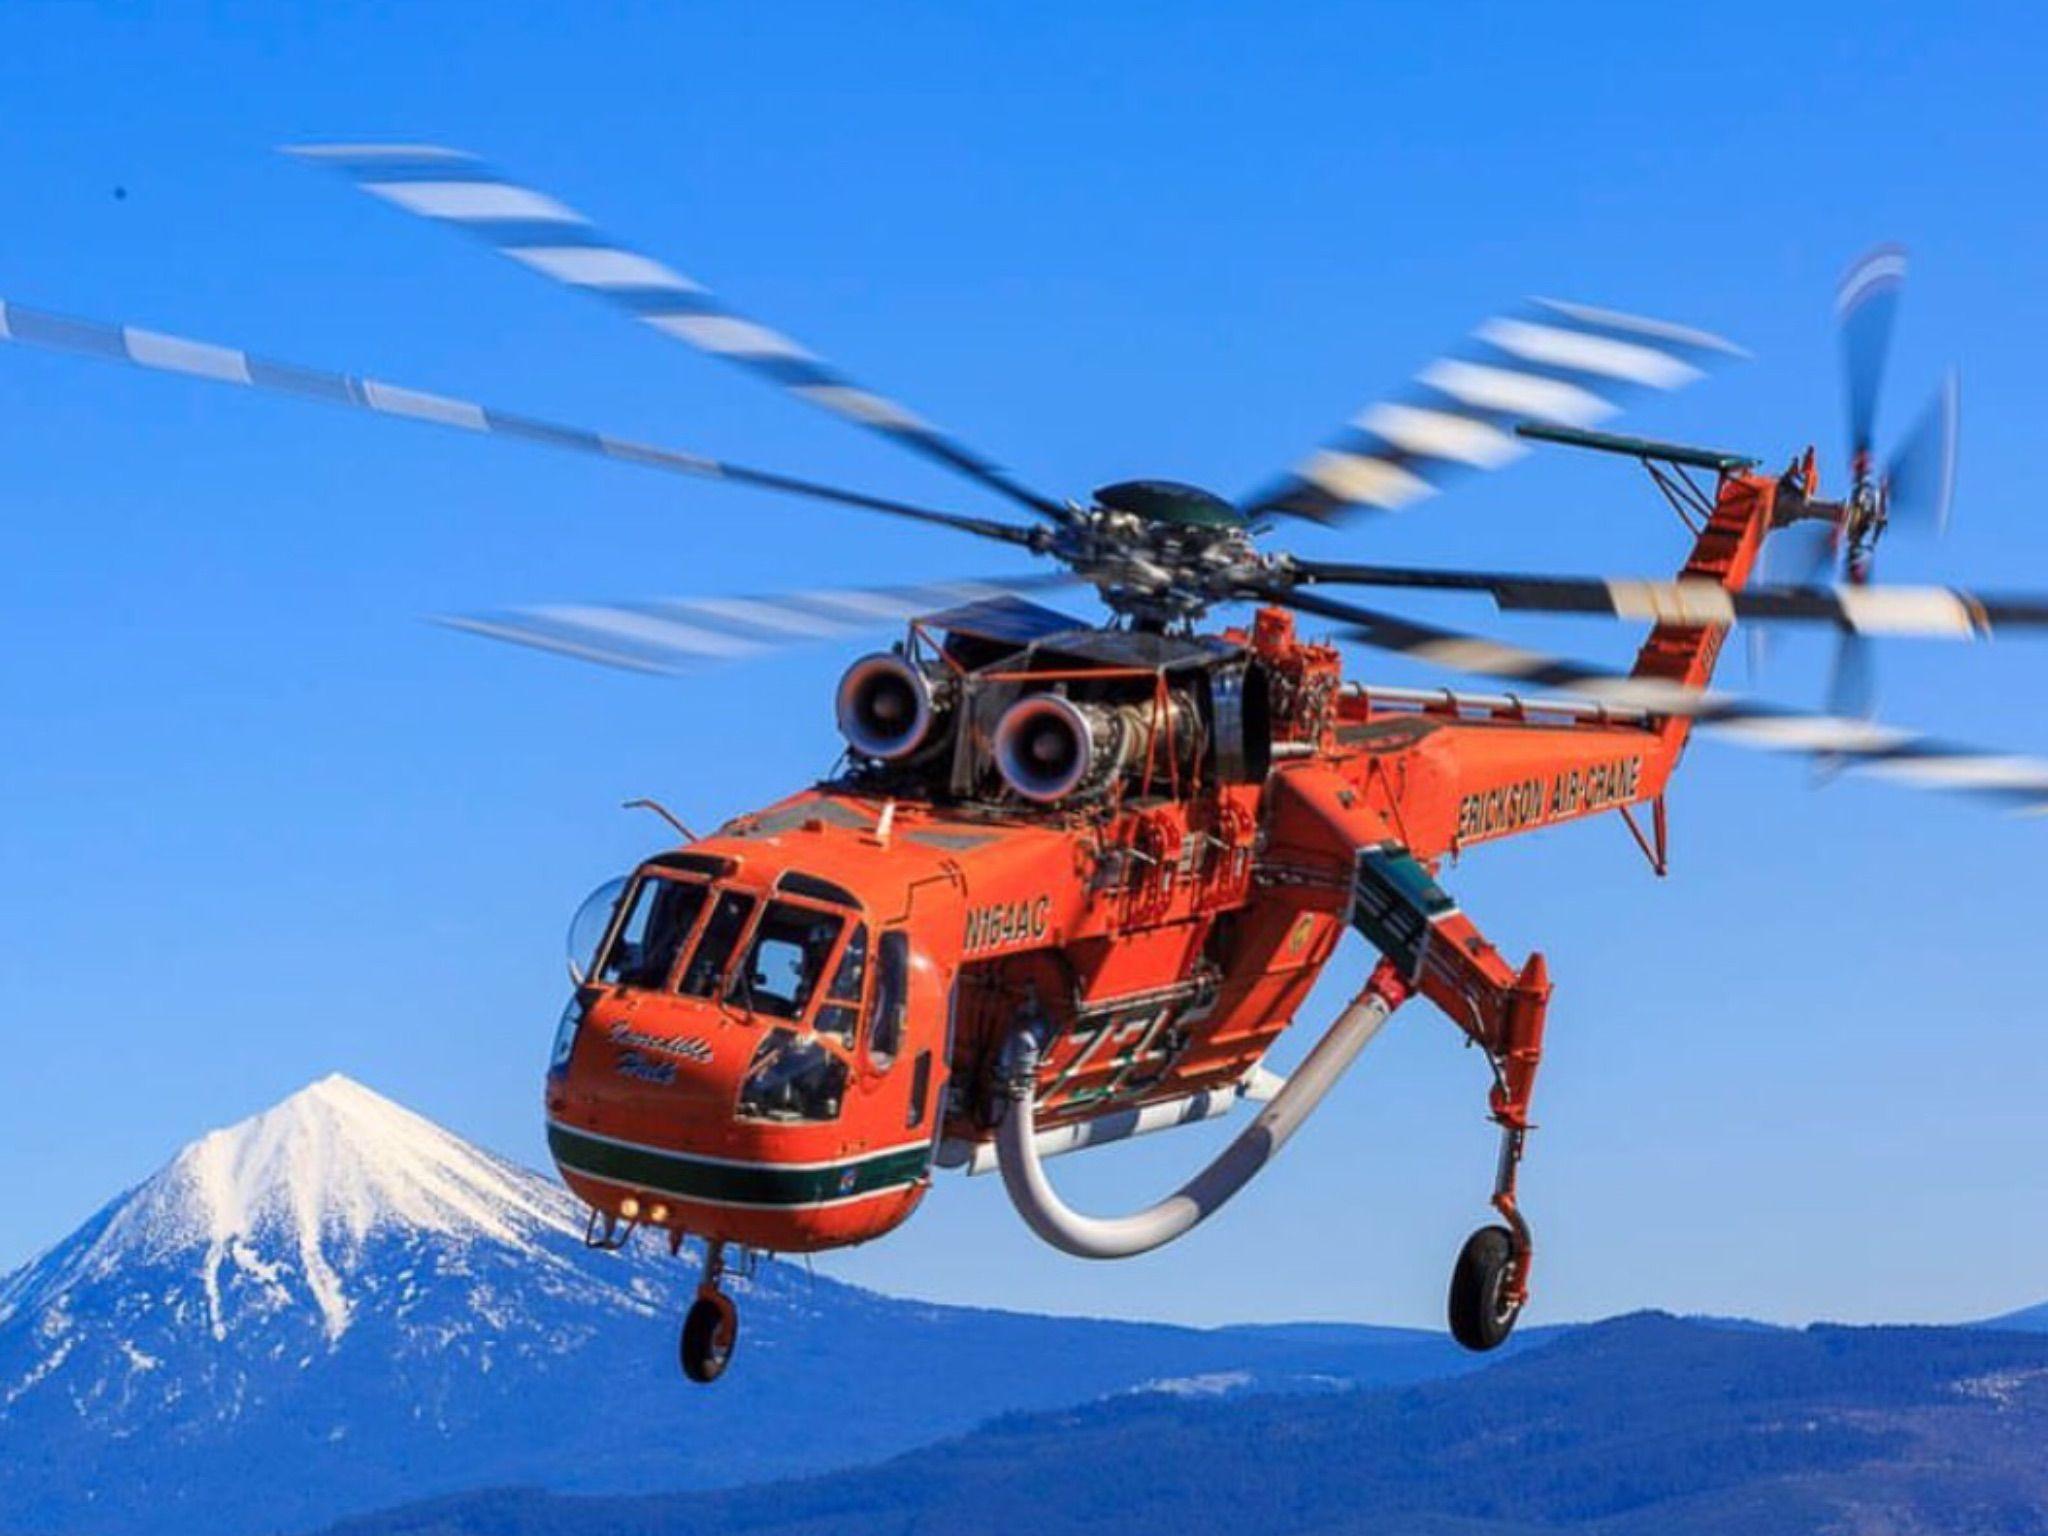 Erickson Air Crane Erickson air crane, Helicopter, Aviation